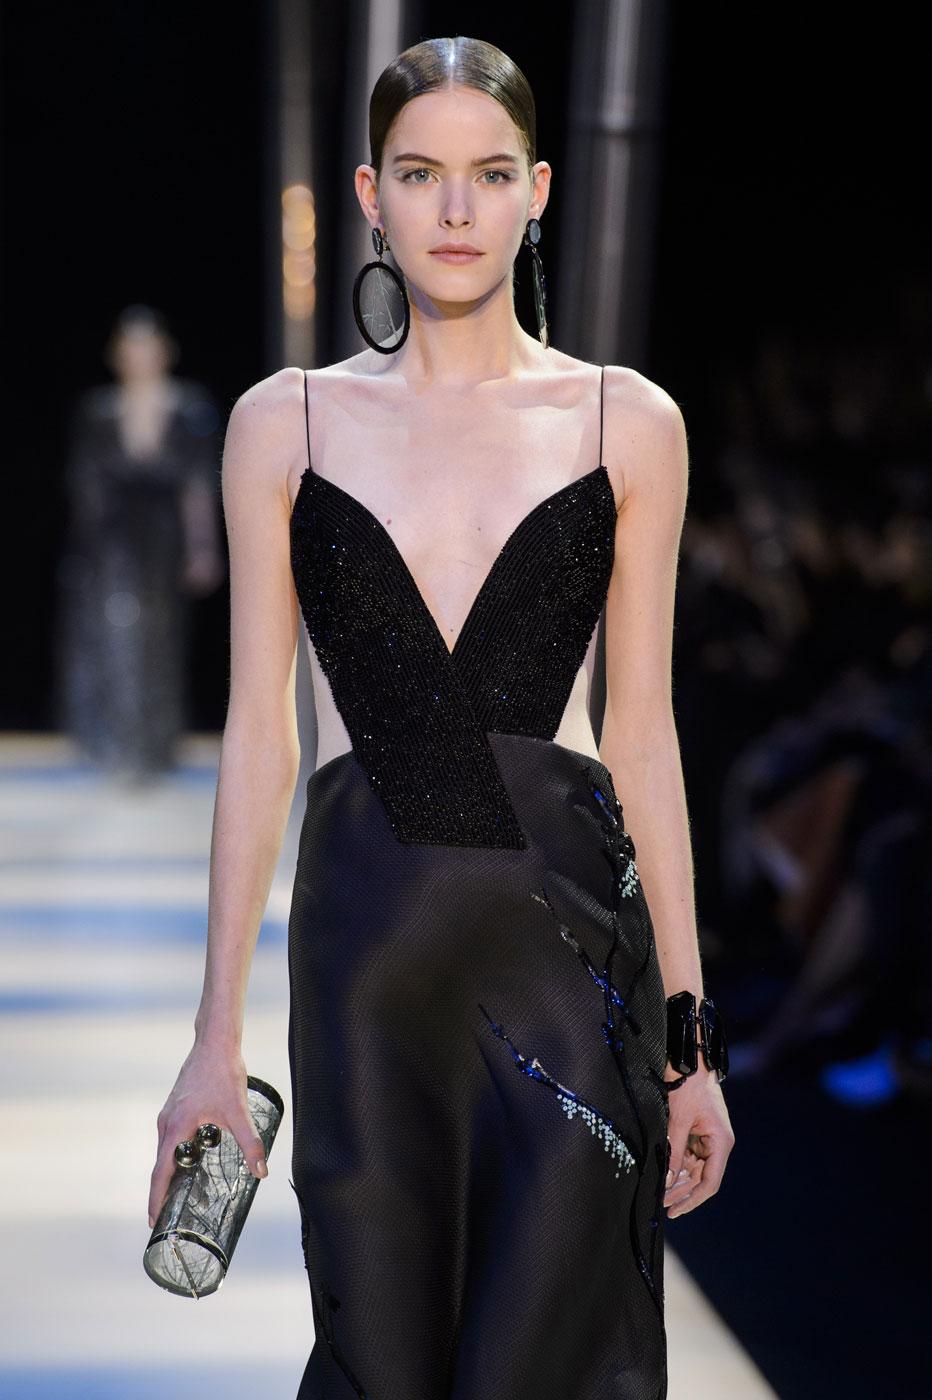 Giorgio-armani-Prive-fashion-runway-show-haute-couture-paris-spring-2015-the-impression-108